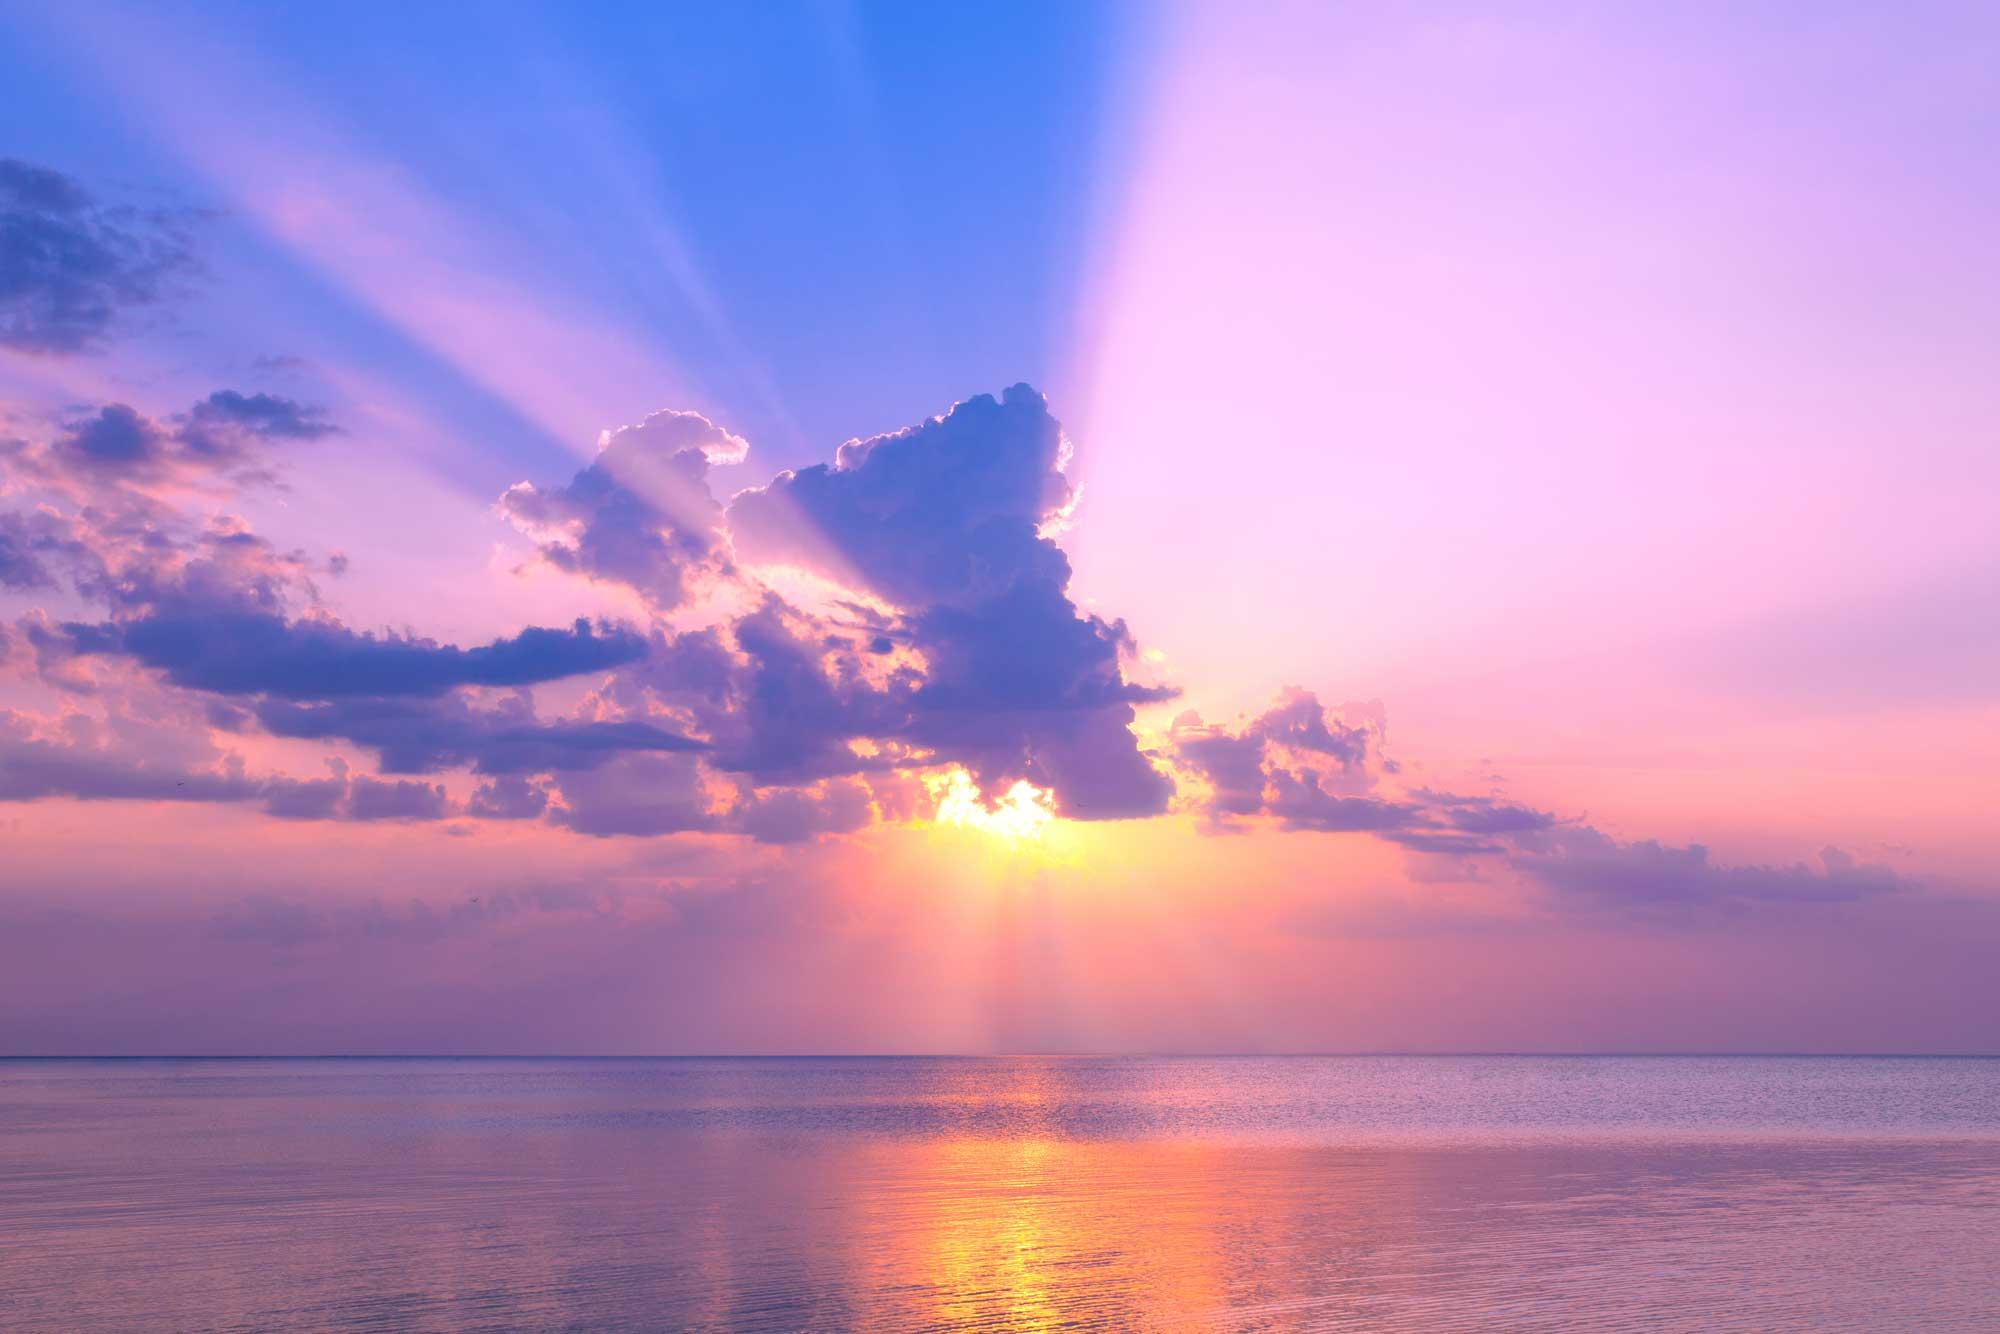 Ảnh bầu trời đẹp hoàng hôn huyền bí